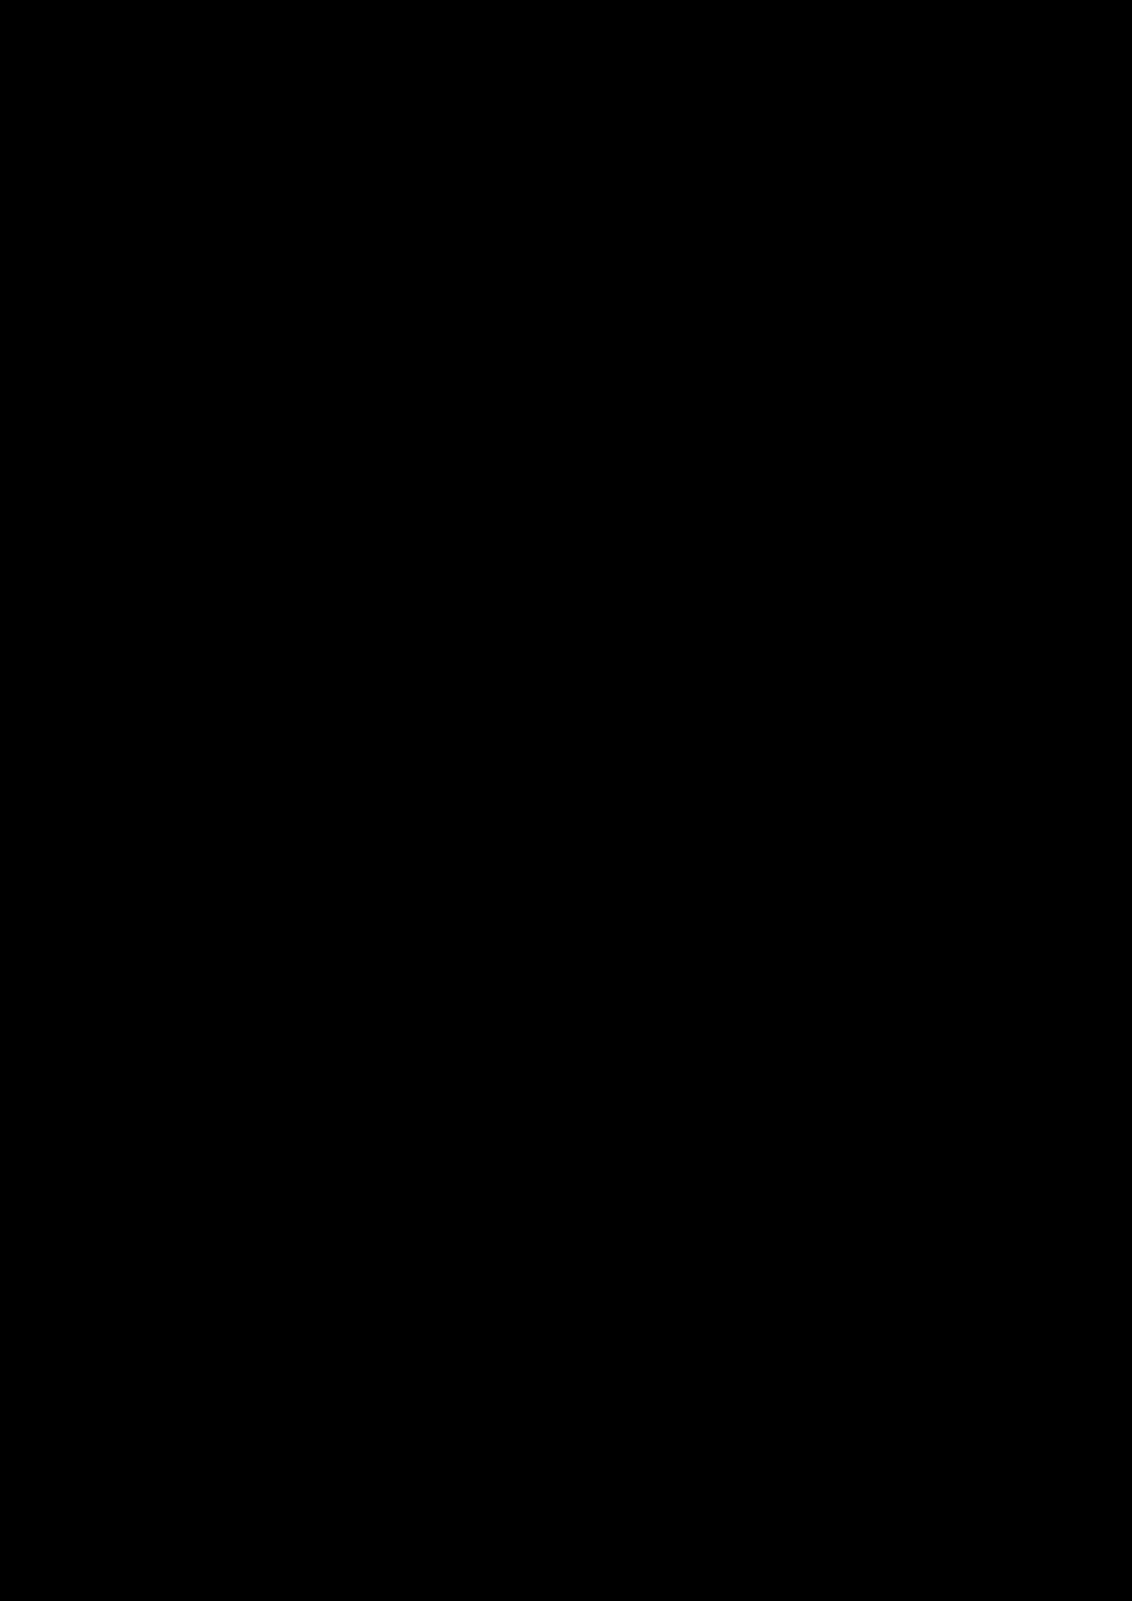 Zagadka volshebnoy stranyi slide, Image 45